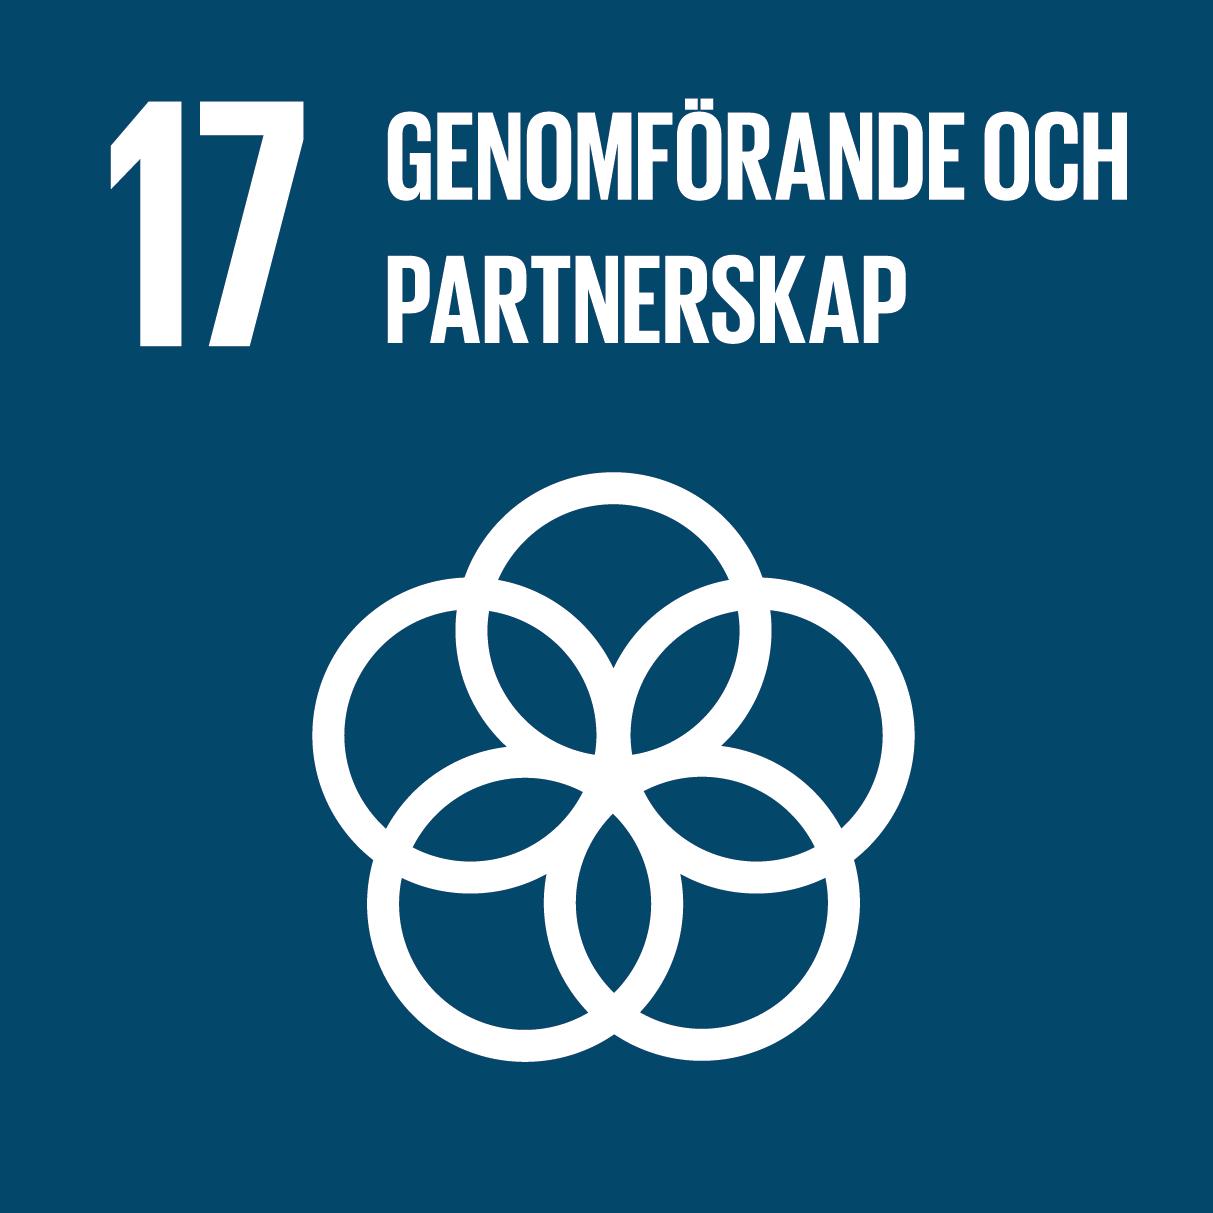 ikon för mål genomförande och globalt partnerskap. fem överlappande cirklar mot blå grund.